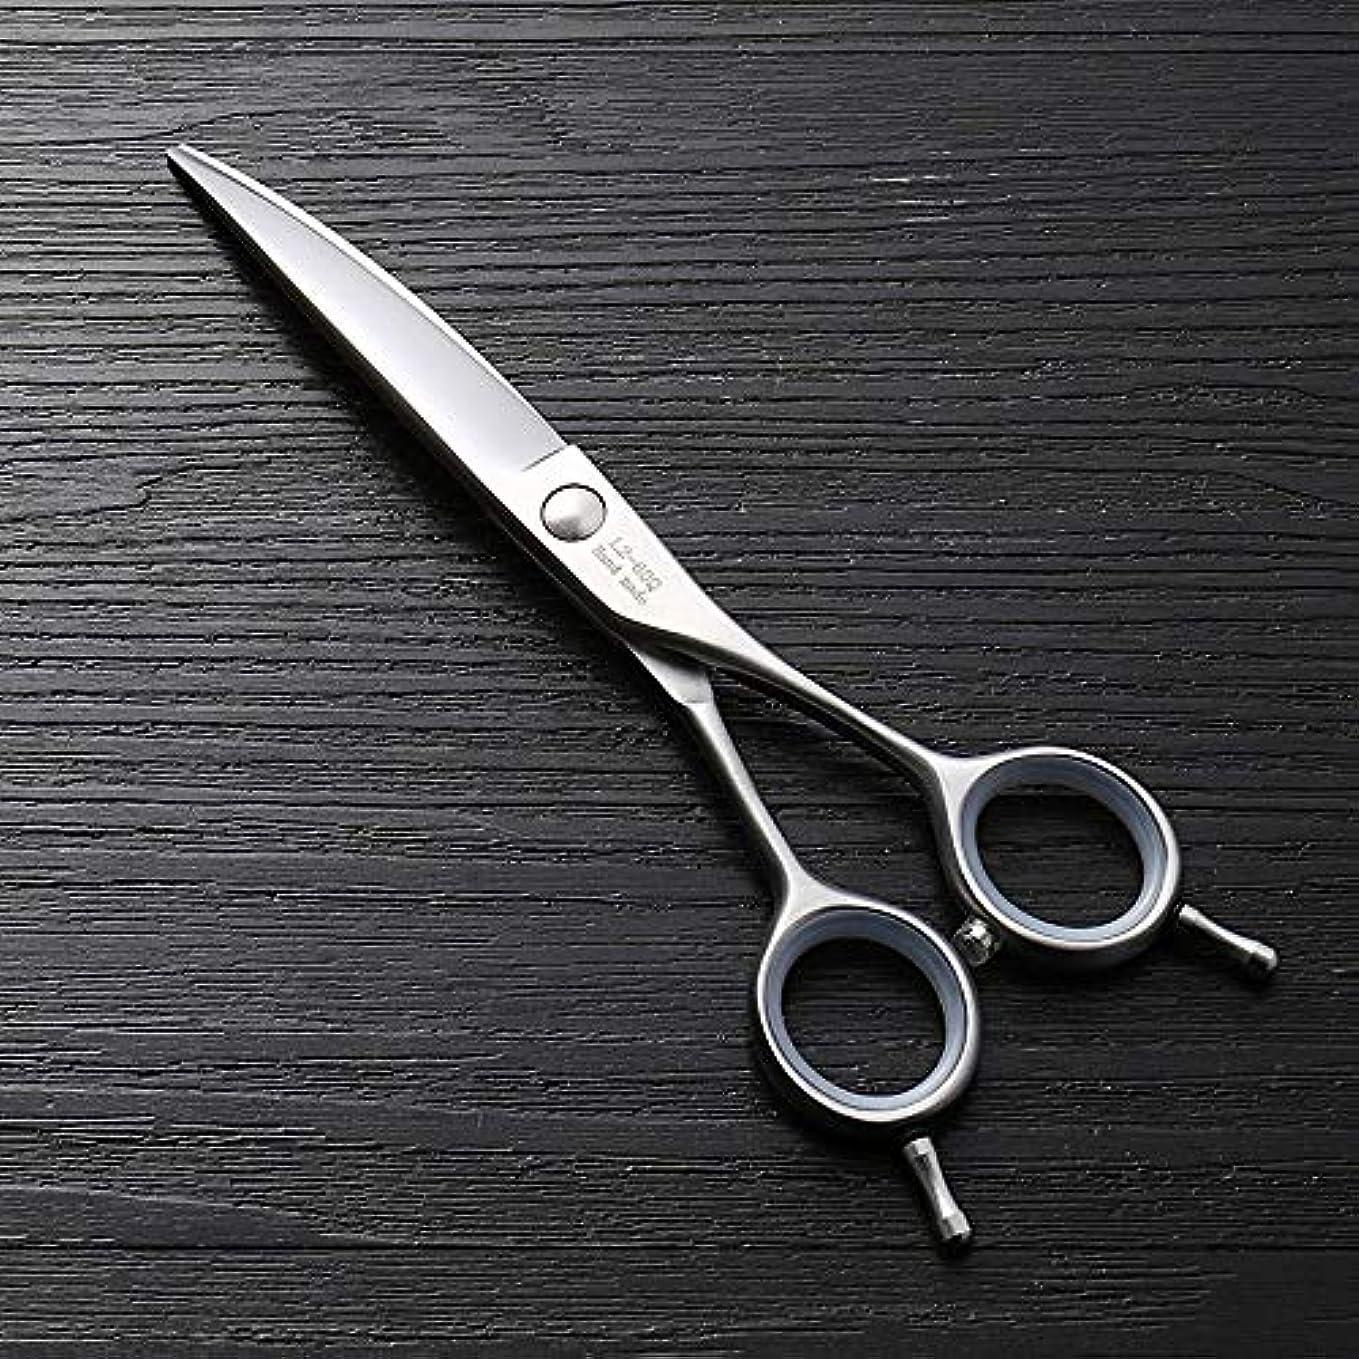 ピアニスト別々にリフレッシュ6インチワープカットフラット理髪ツール、トレンド新しいヘアカットはさみ モデリングツール (色 : Silver)